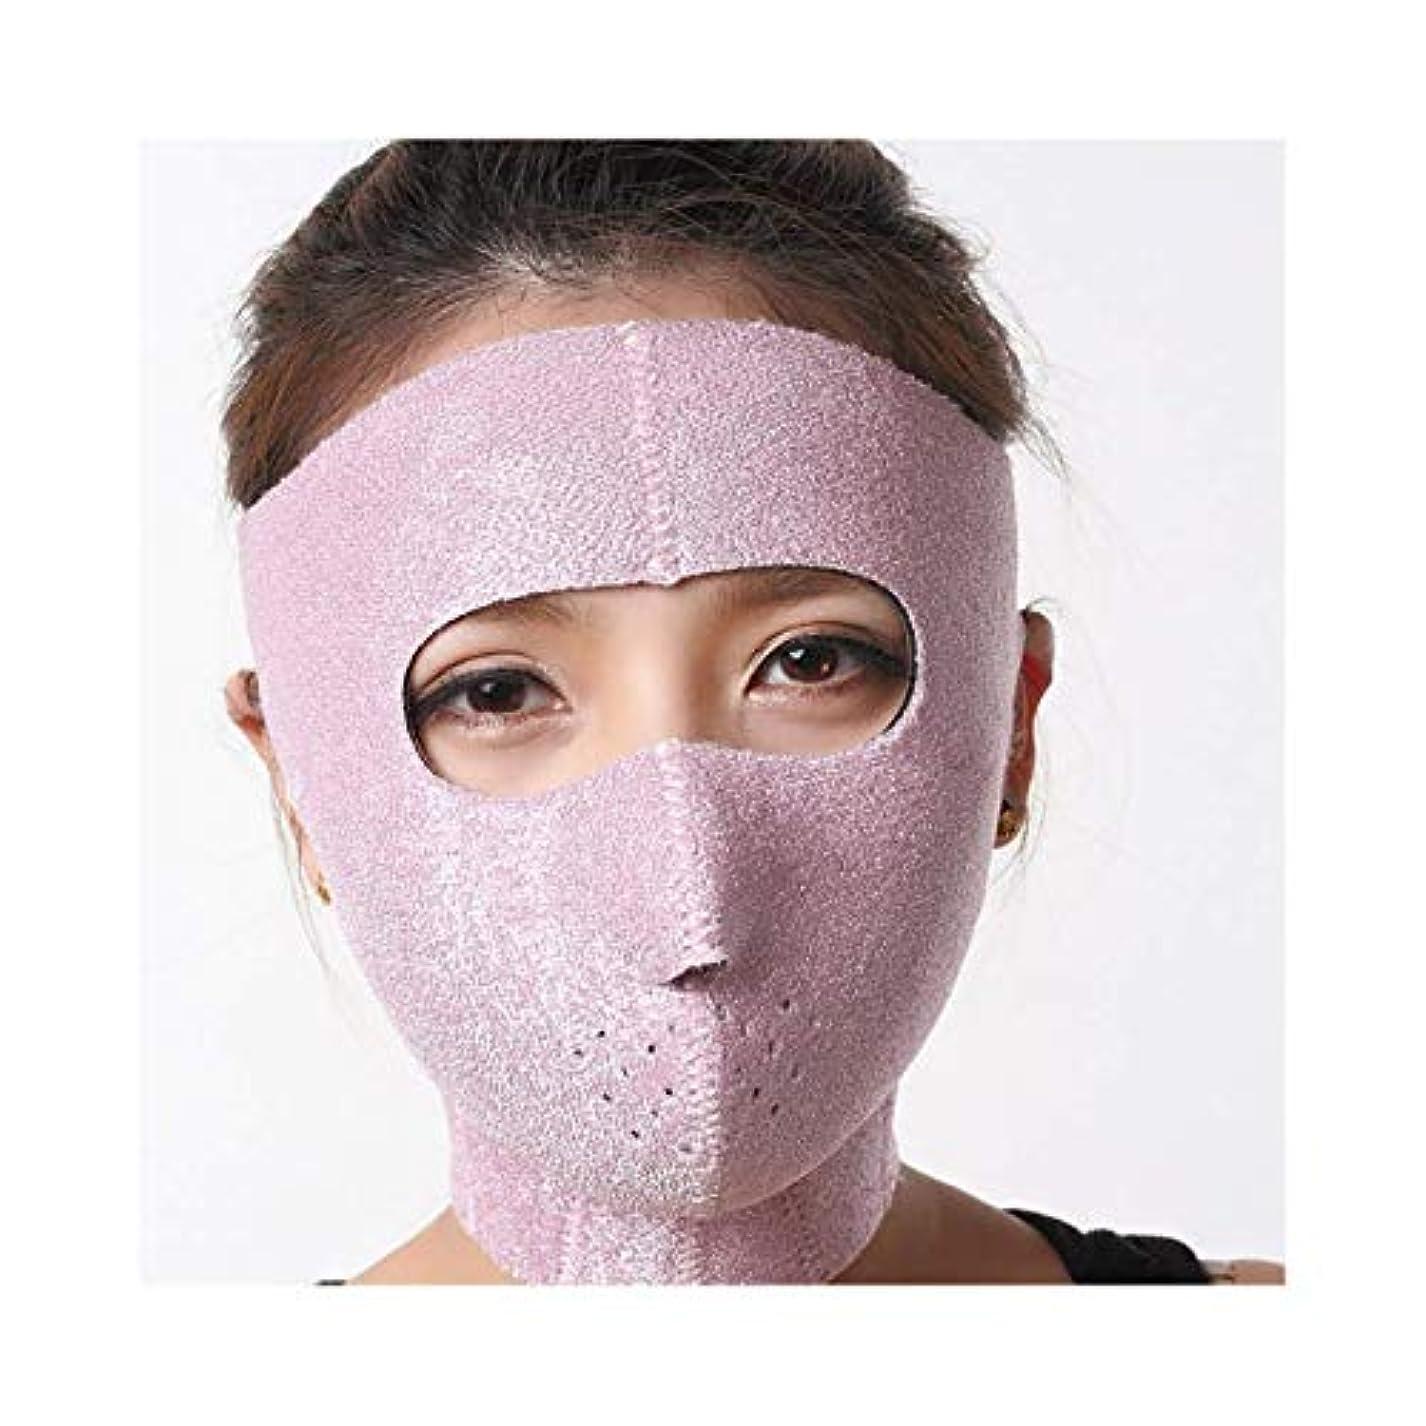 外側ラダ透けるスリミングベルト、フェイシャルマスク薄い顔マスク睡眠薄い顔マスク薄い顔包帯薄い顔アーティファクト薄い顔顔リフティング薄い顔小さなV顔睡眠薄い顔ベルト